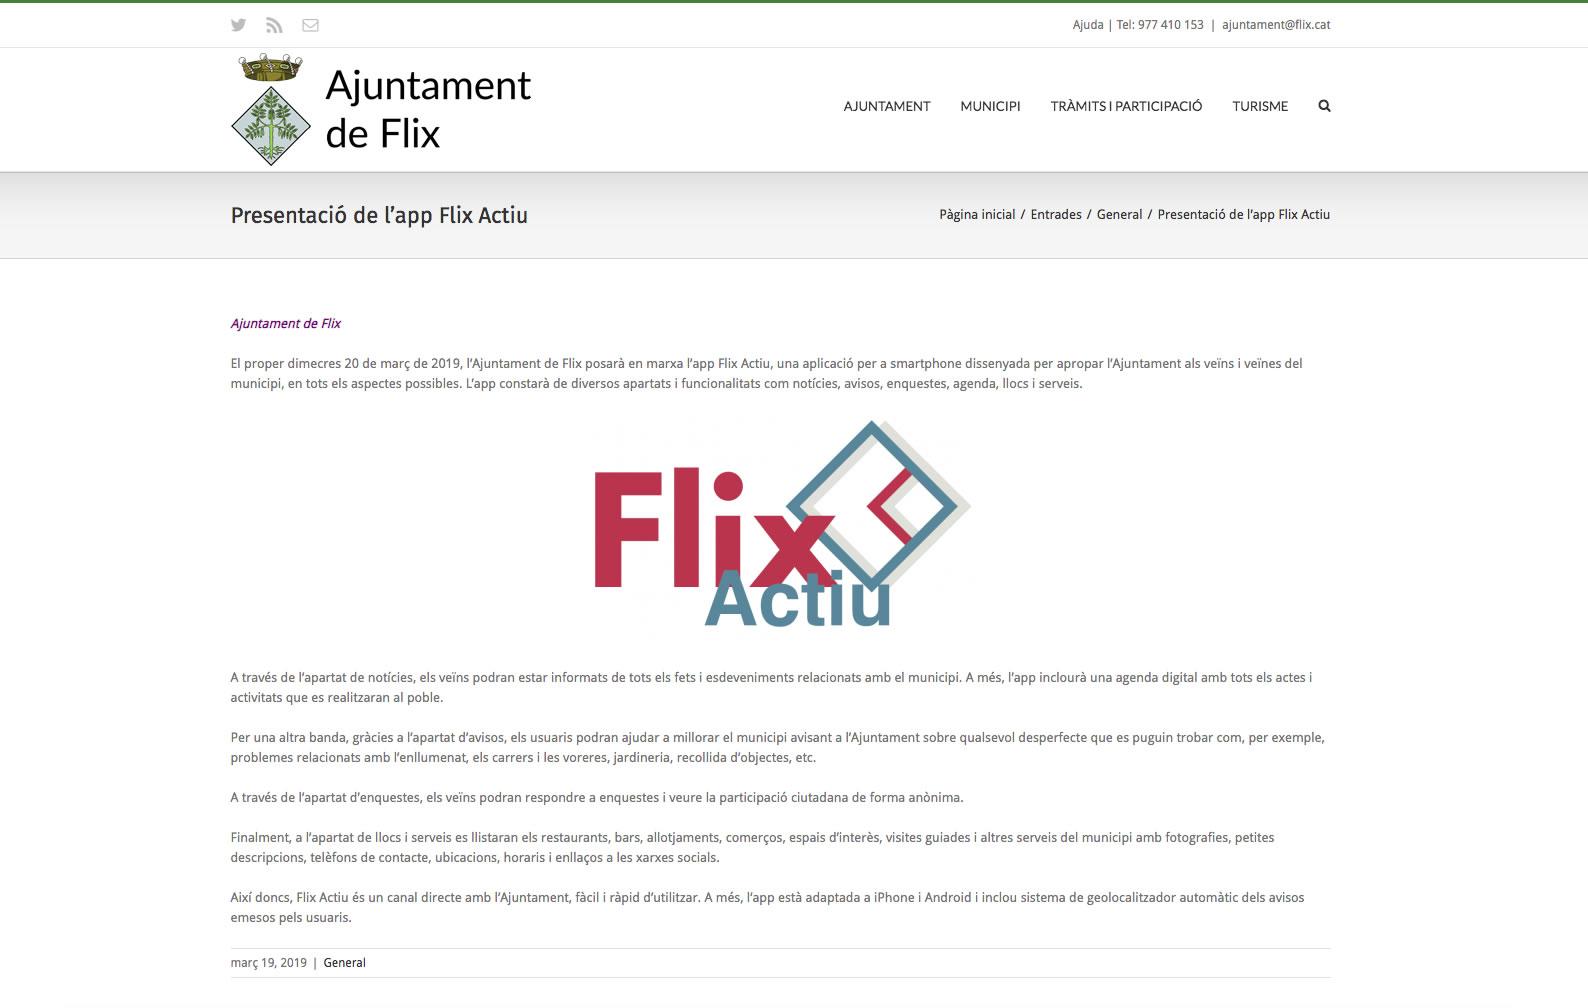 Presentació de l'app Flix Actiu